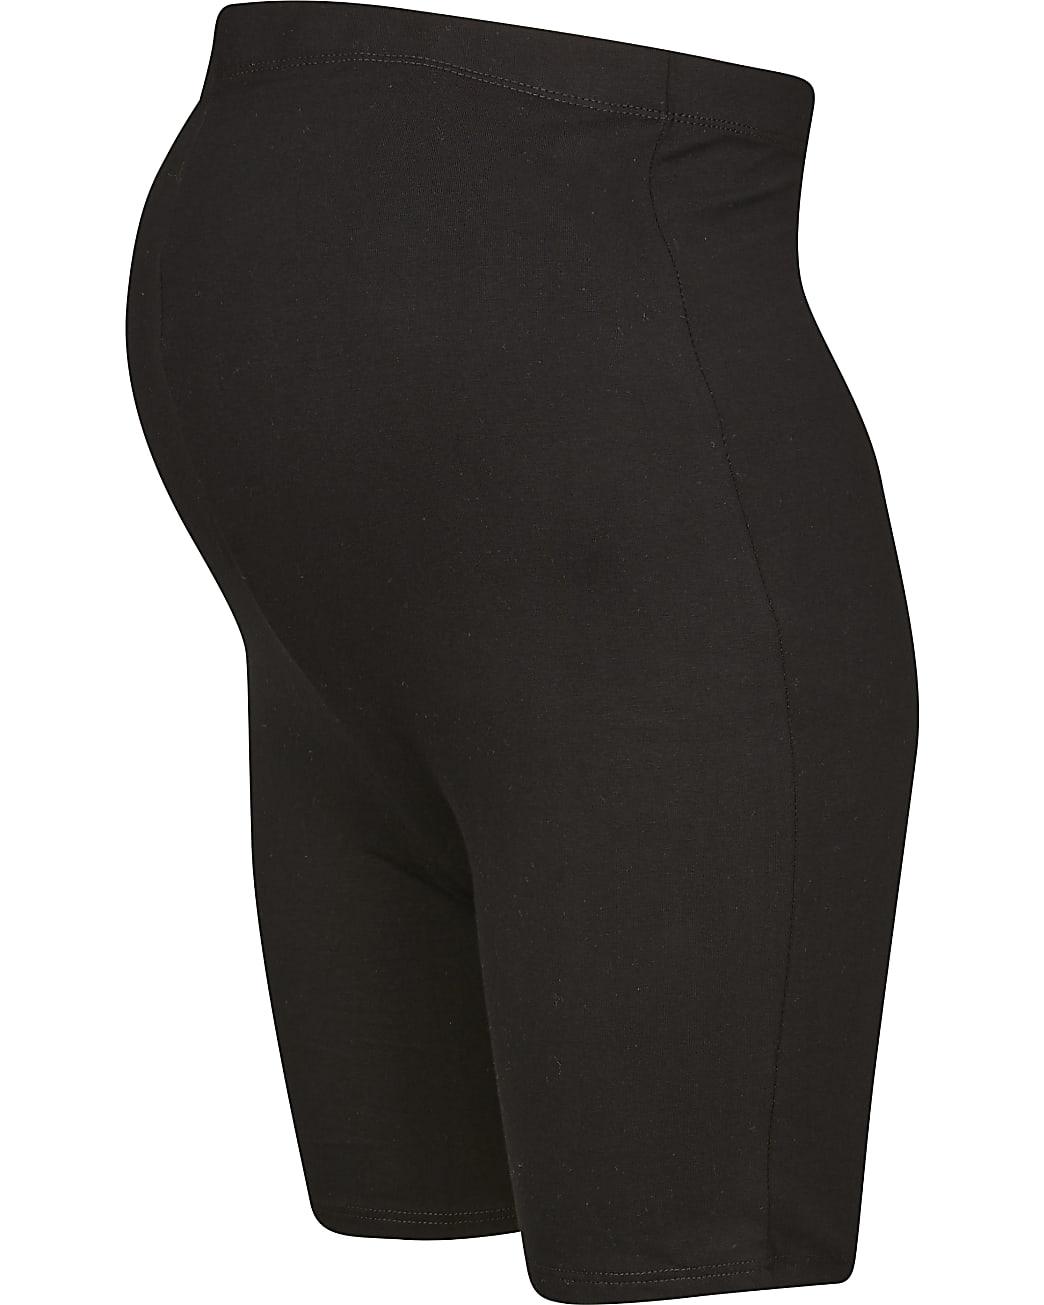 Black maternity cycling shorts